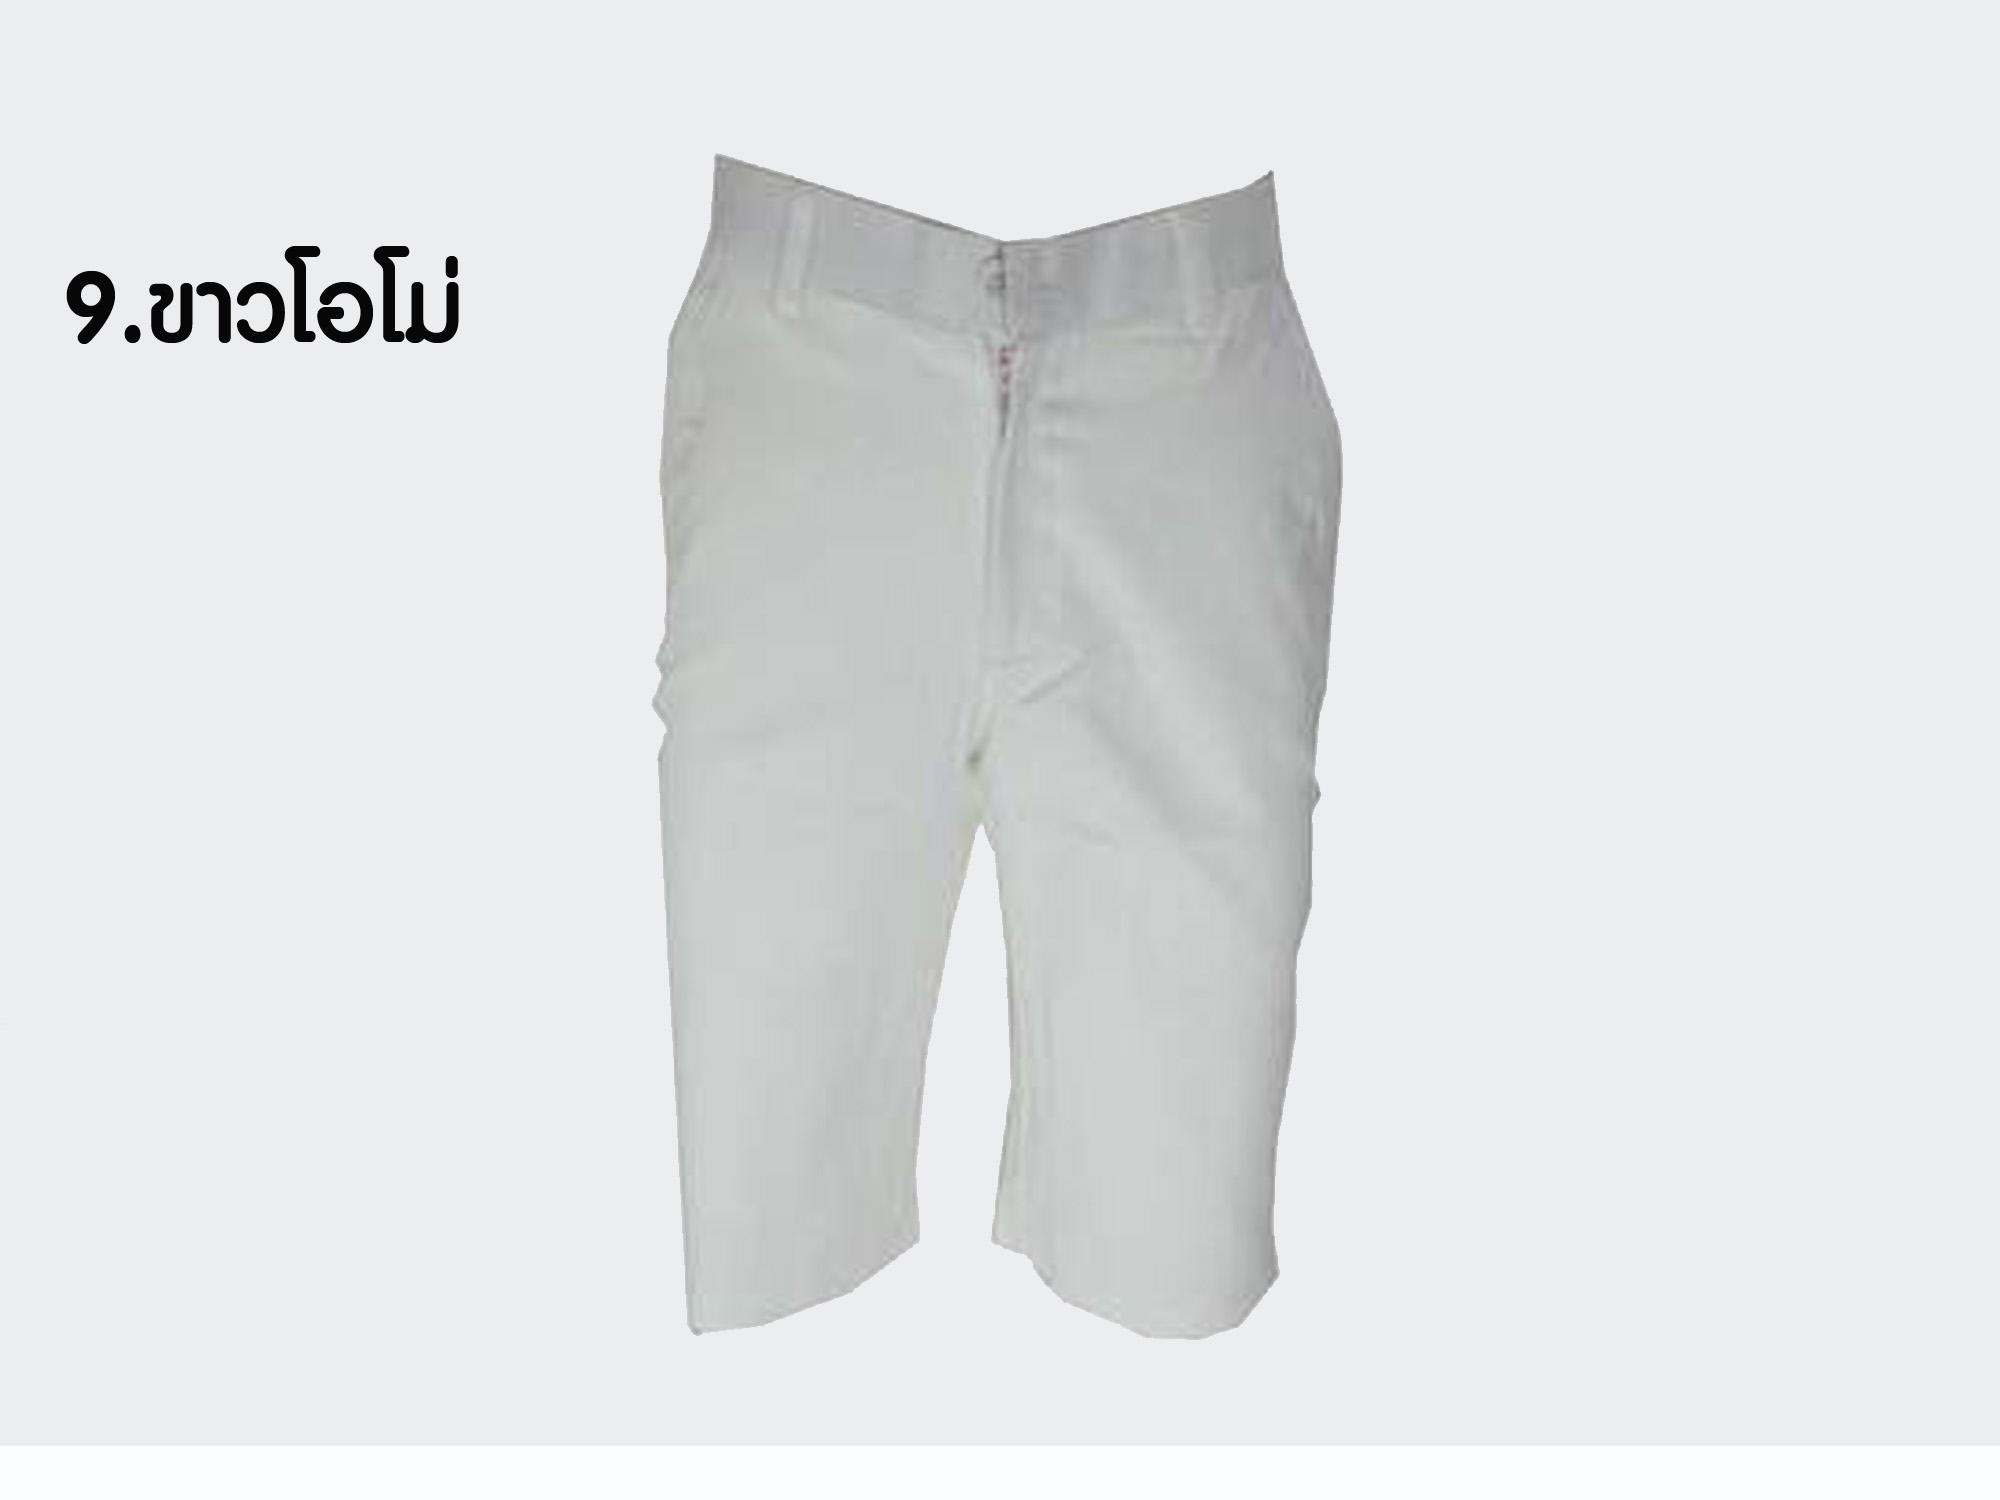 กางเกงสามส่วน รุ่น309 (สีขาว)